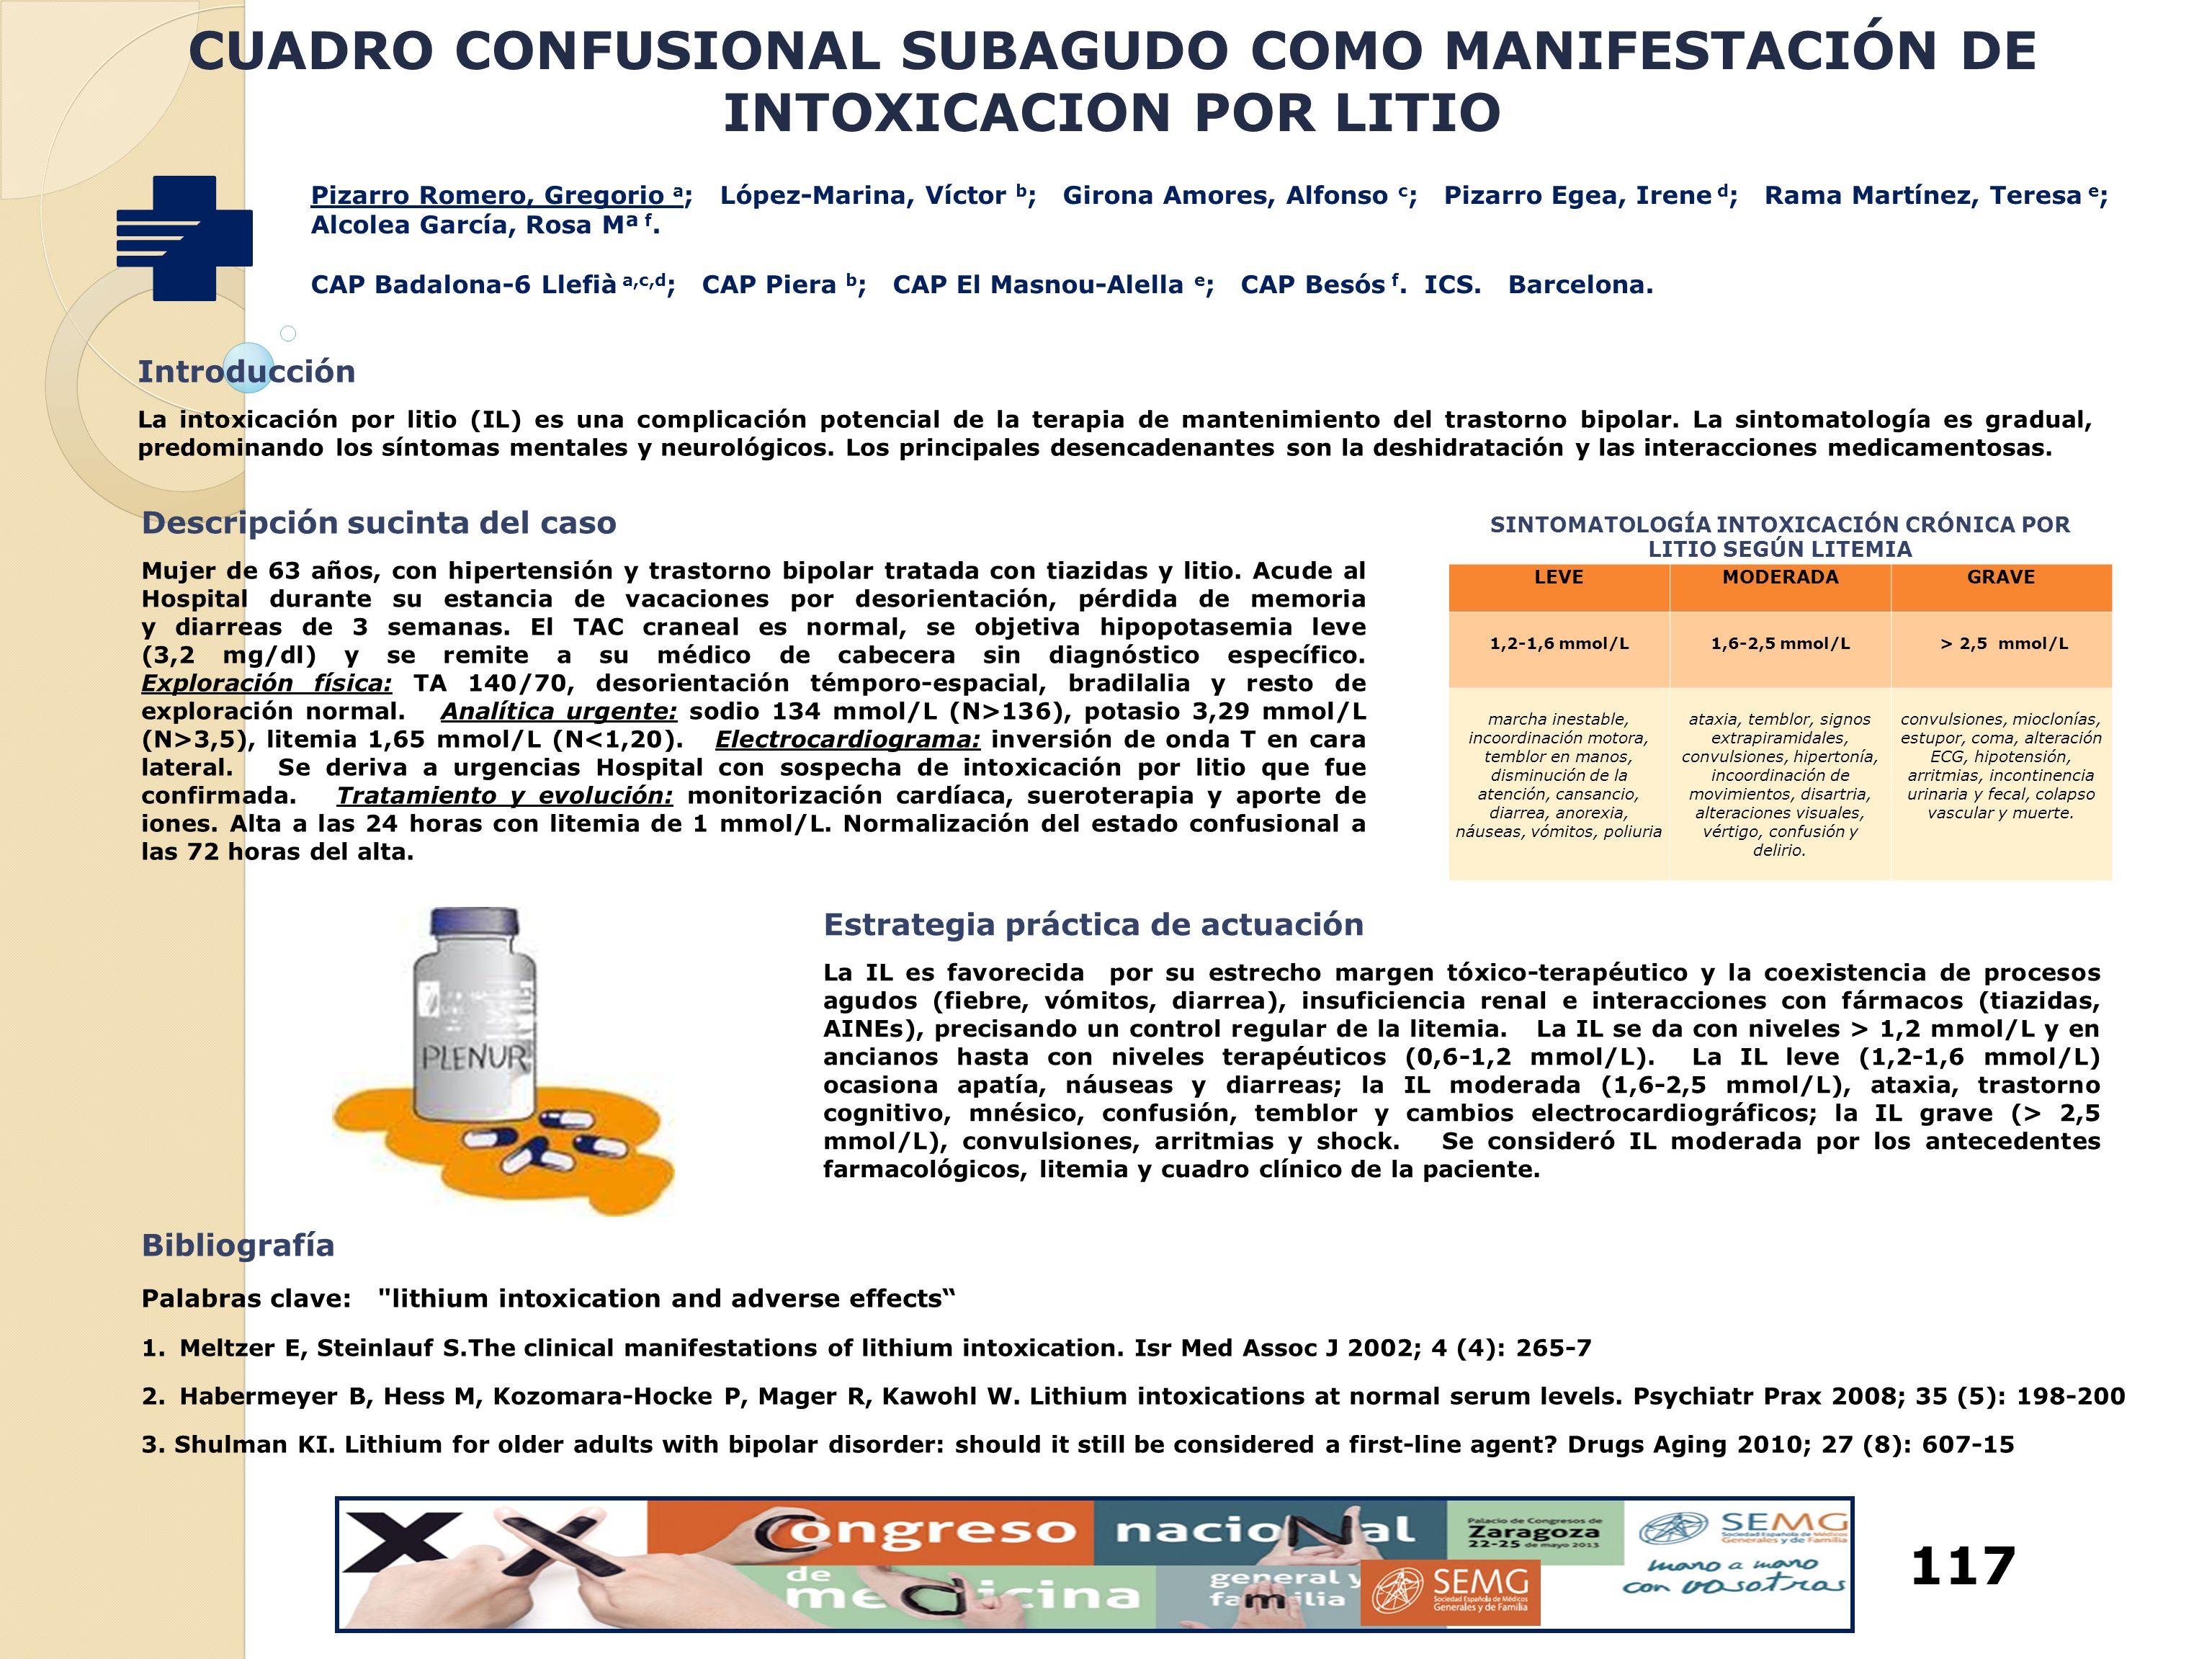 CUADRO CONFUSIONAL SUBAGUDO COMO MANIFESTACIÓN DE INTOXICACION POR LITIO Pizarro Romero, Gregorio a ; López-Marina, Víctor b ; Girona Amores, Alfonso